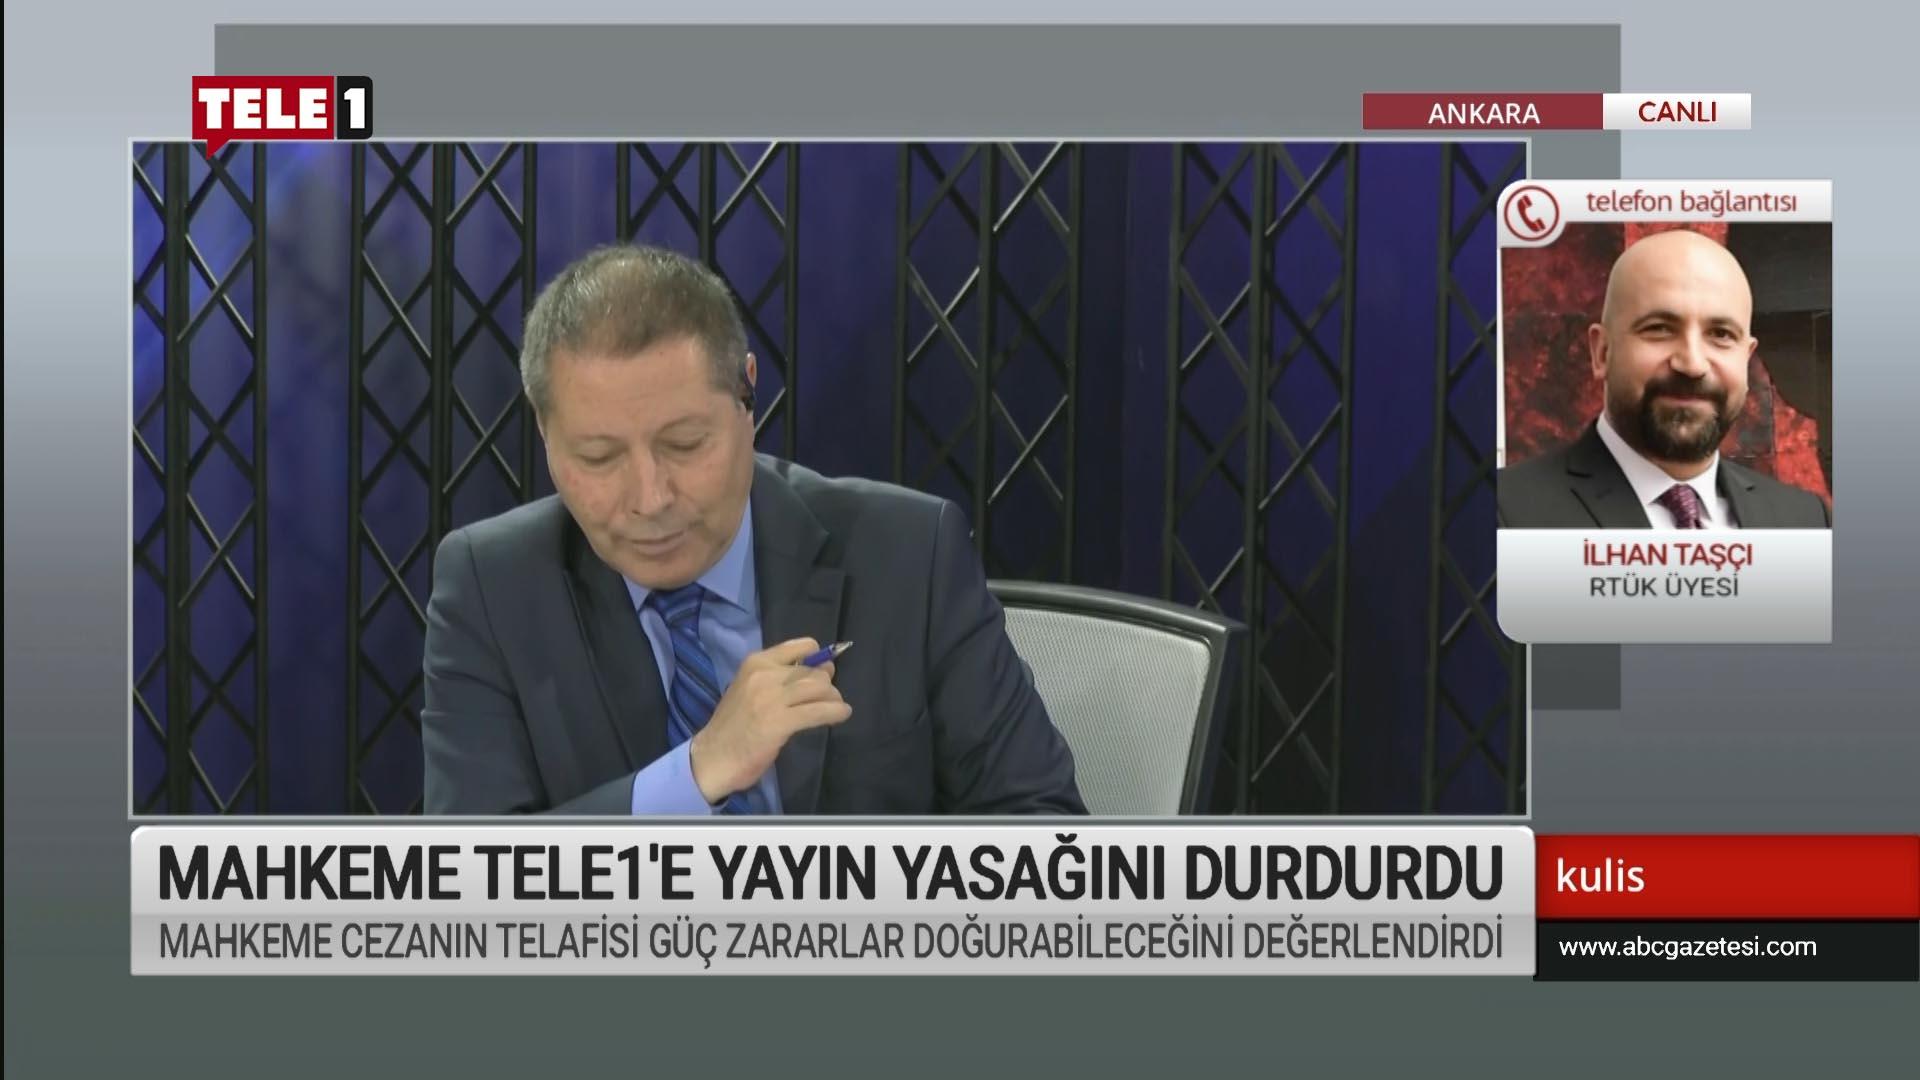 Mahkeme Tele1'e yayın yasağını durdurdu